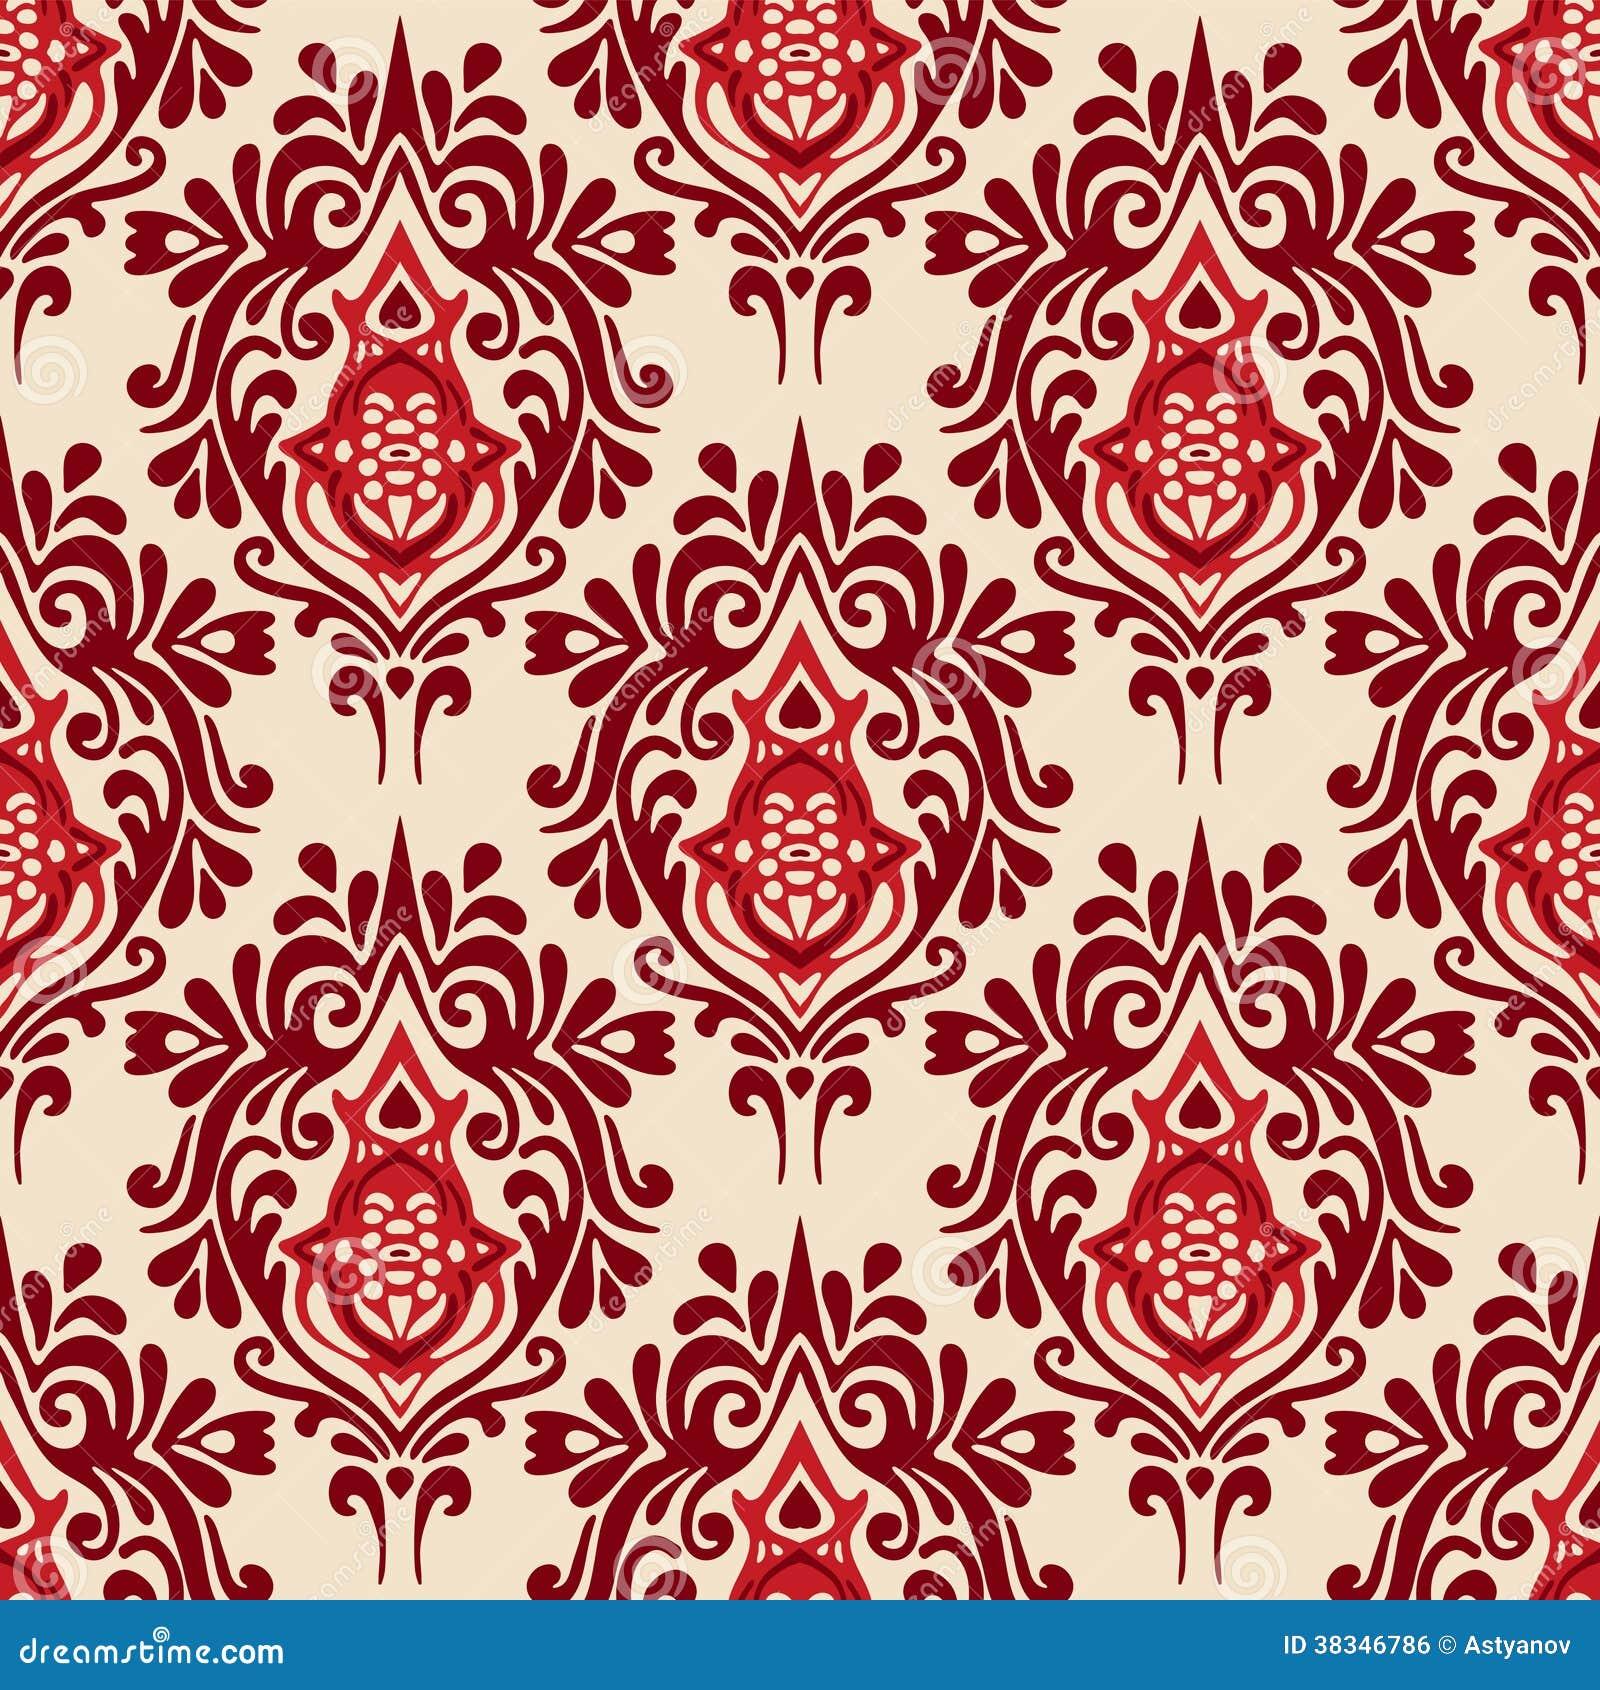 pattern royalty background patterns - photo #37